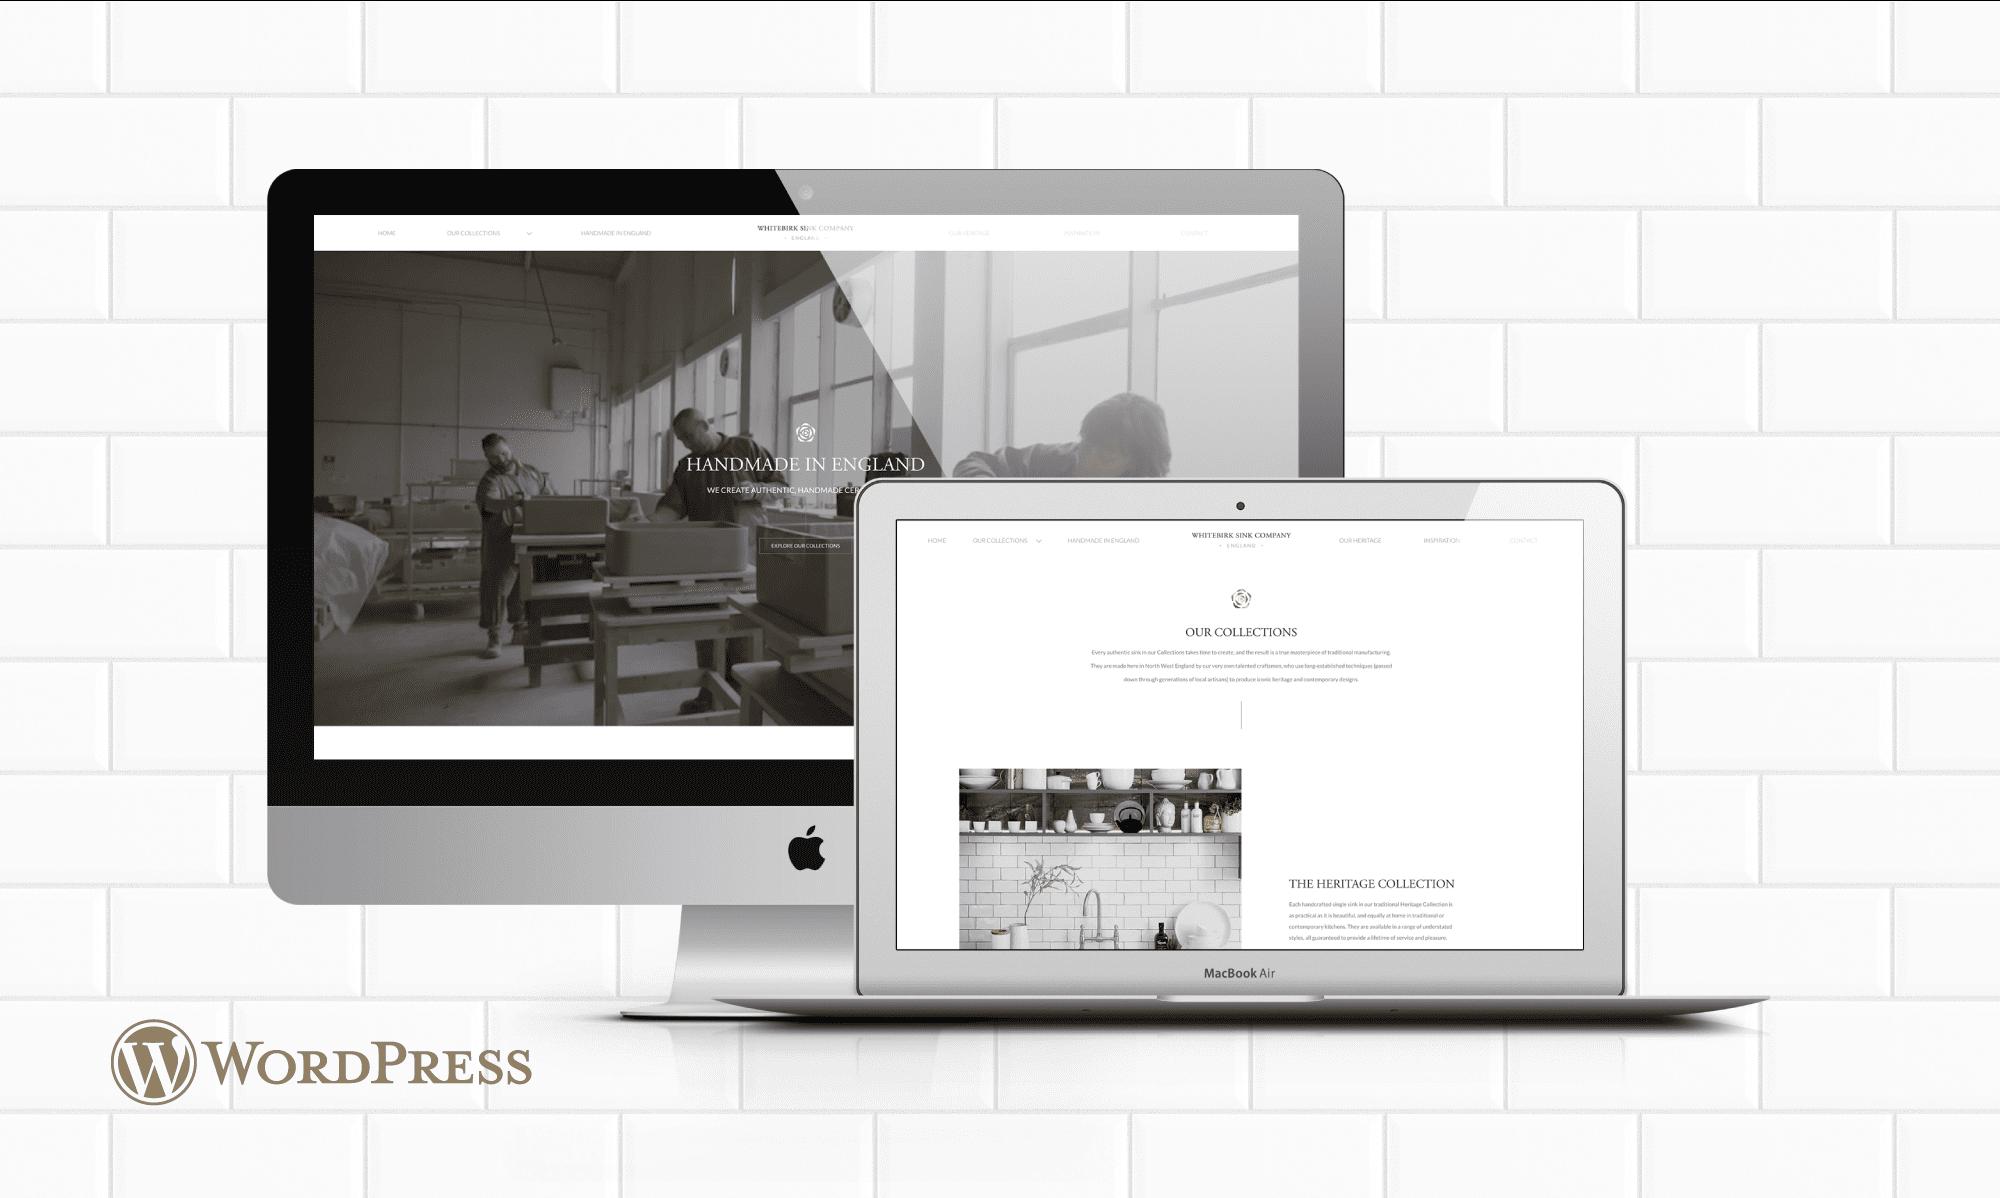 Whitebirk Sink Company - WordPress Website